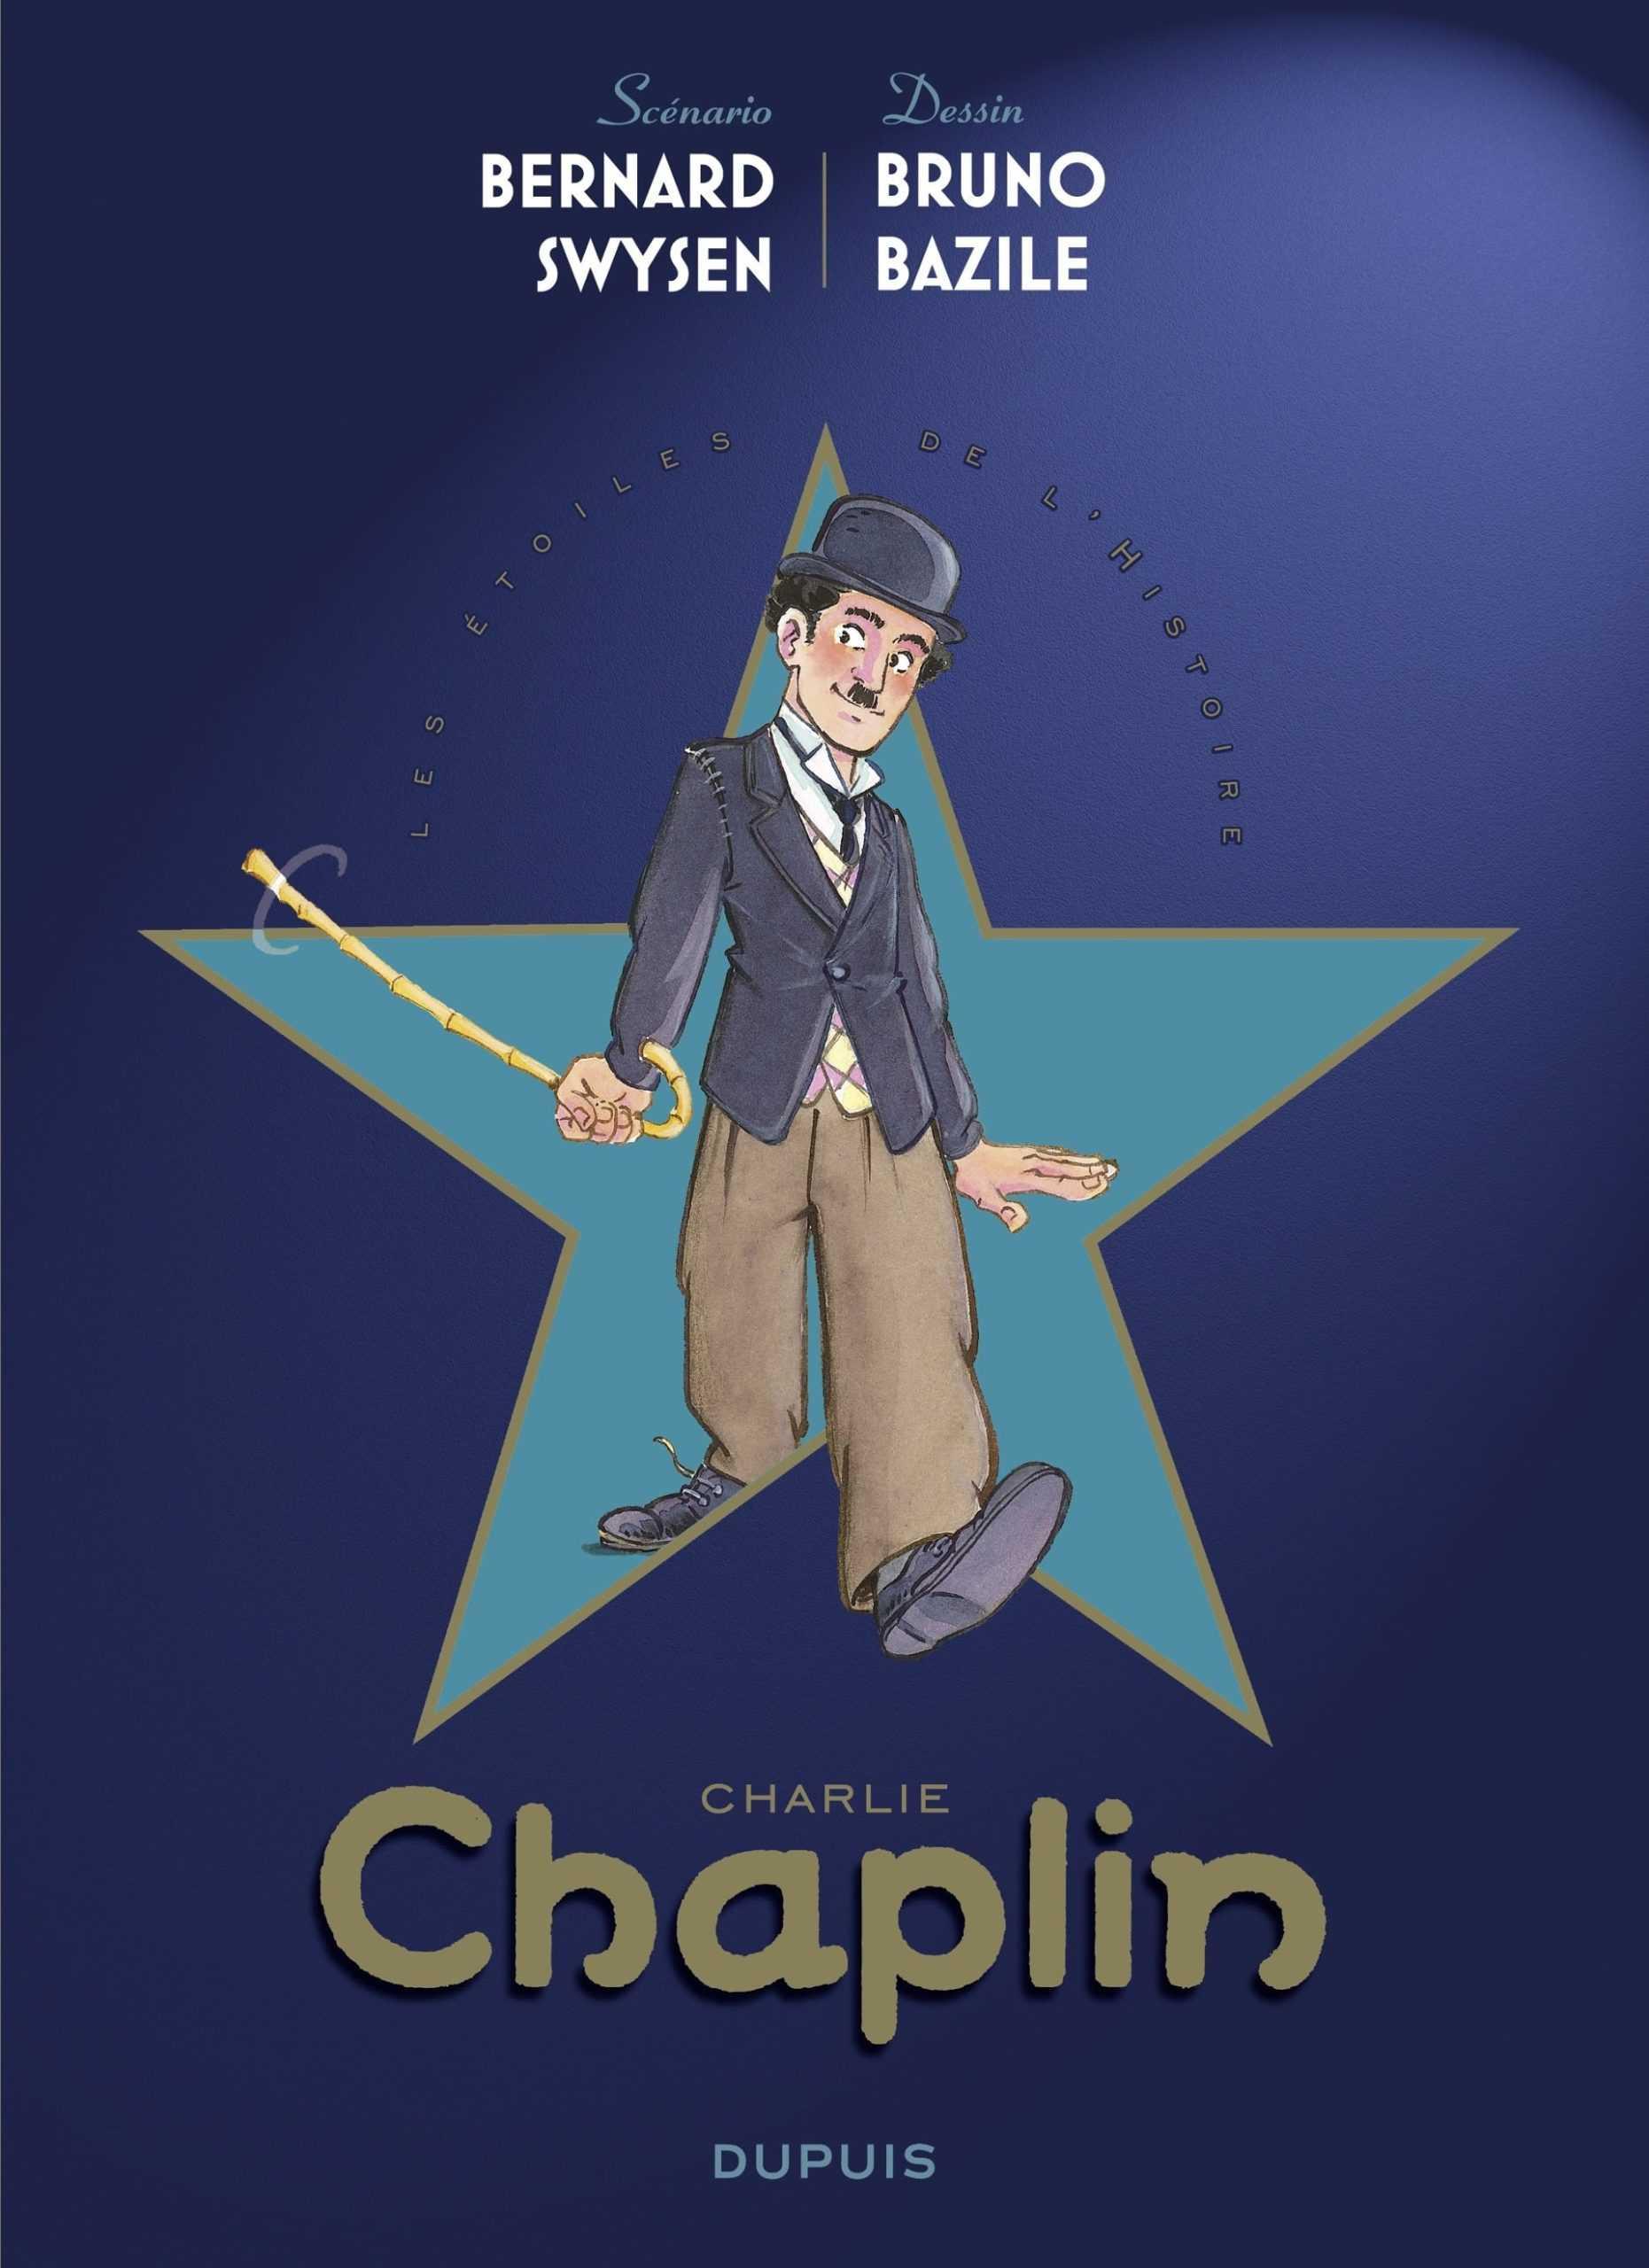 Charlie Chaplin premier nom au générique des Étoiles de l'Histoire